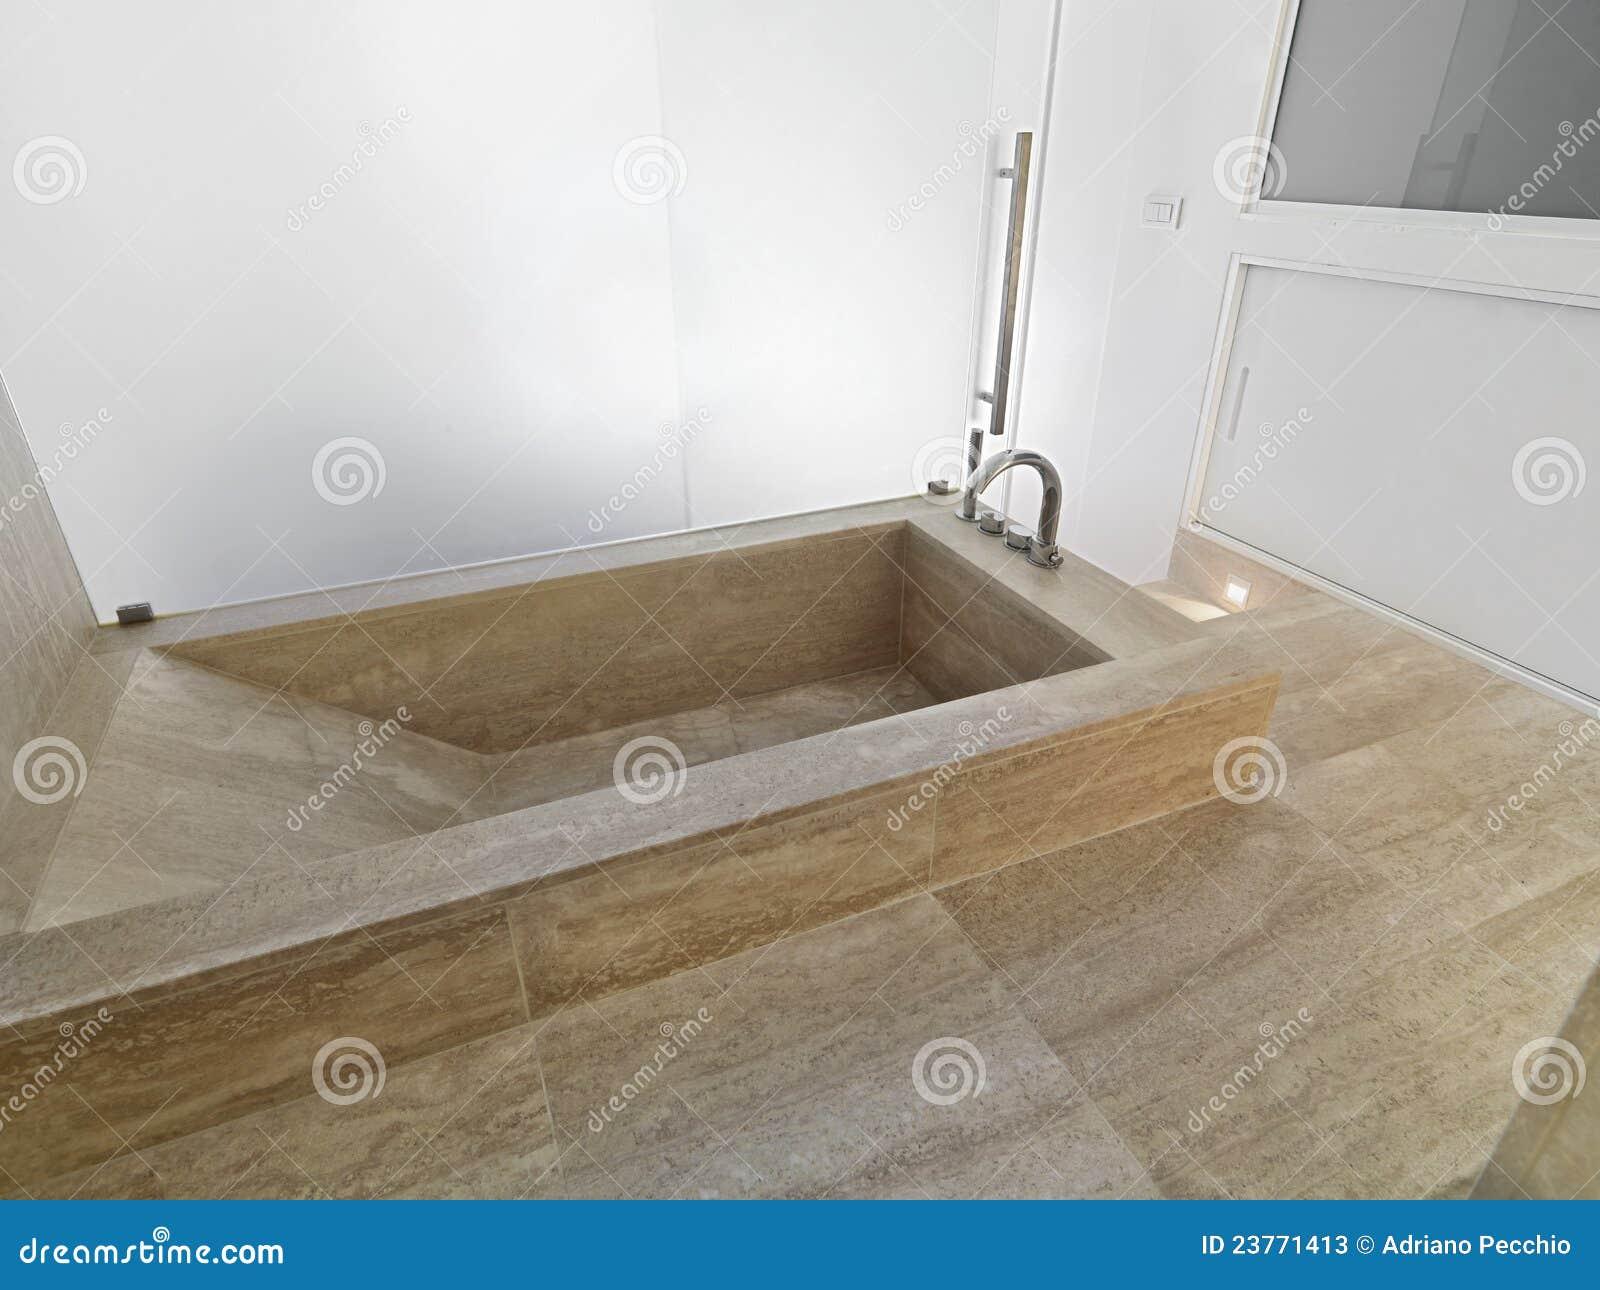 Vasca Da Bagno Marmo : Vasca da bagno di marmo in una stanza da bagno moderna immagine